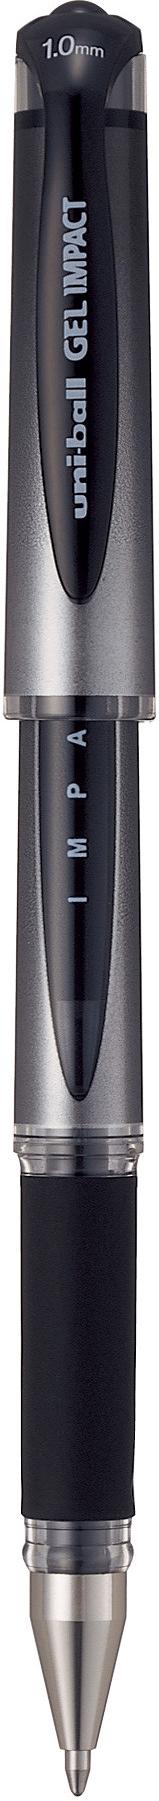 ปากกาหมึกเจล uni Signo Impact UM-153S สีดำ 1.0 มม.